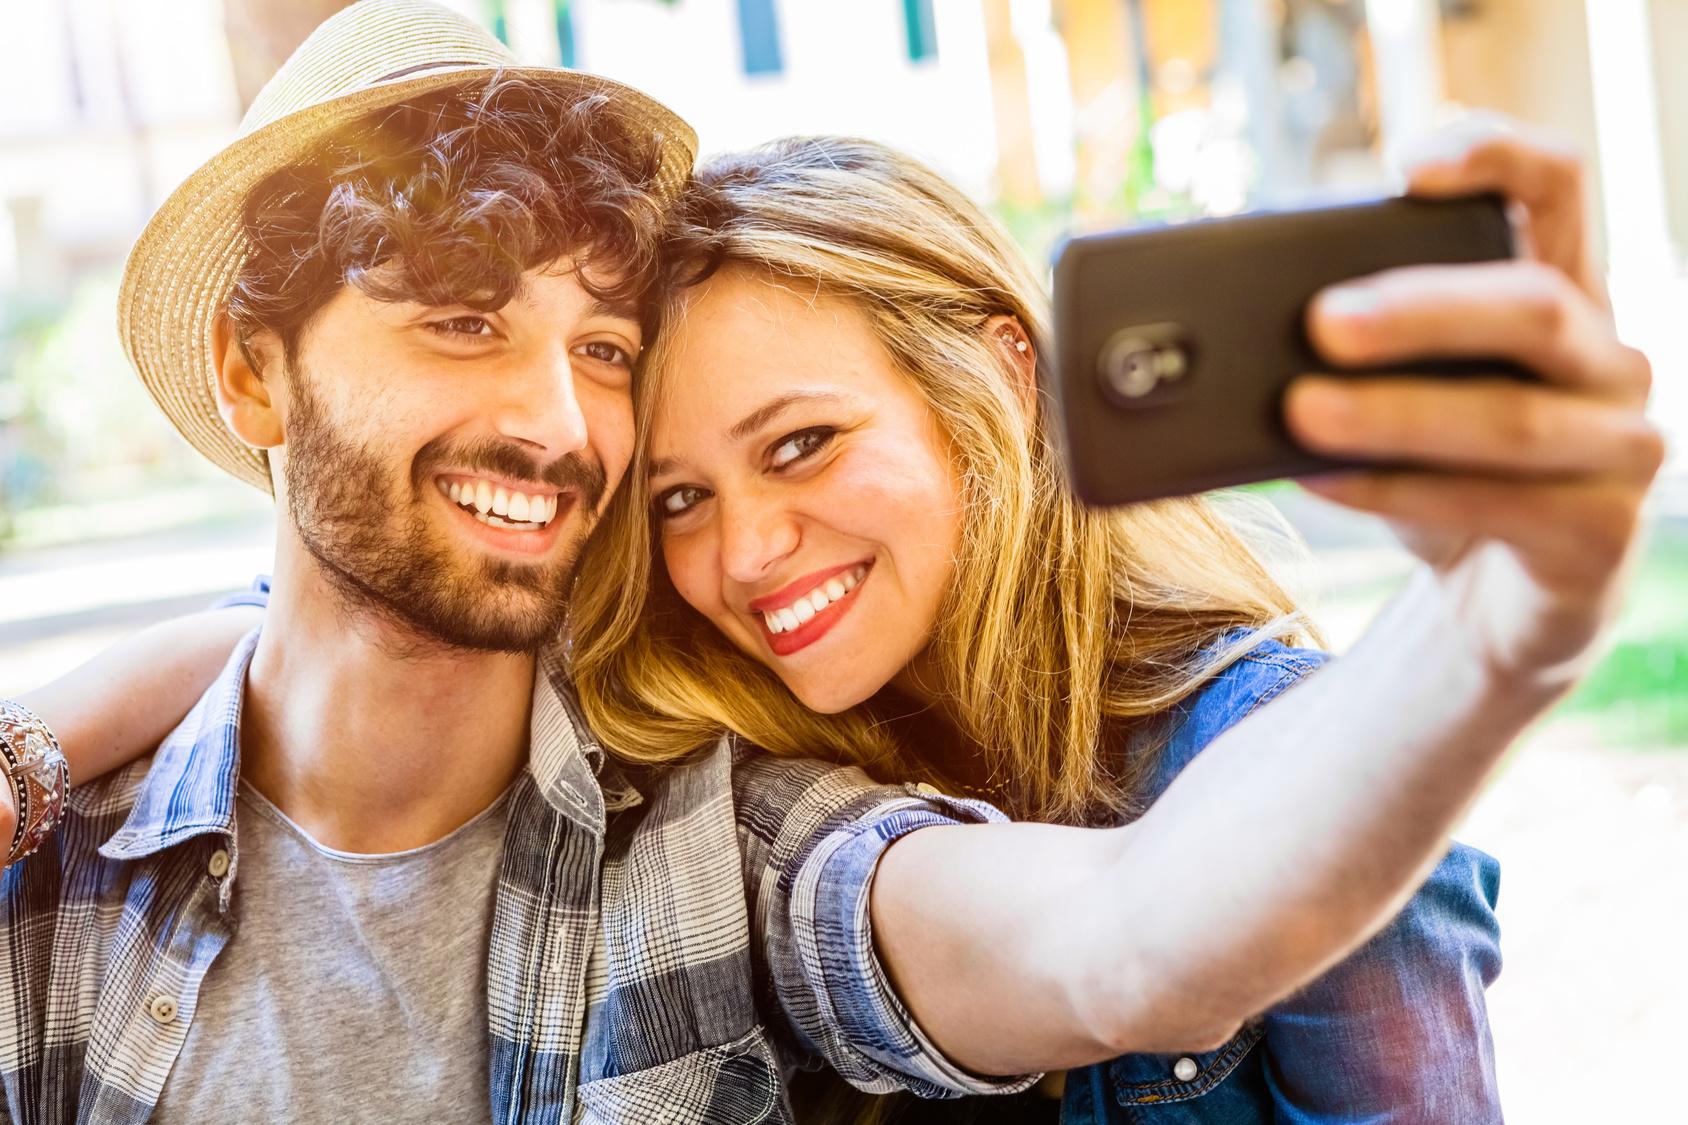 Pärchen macht ein Selfie